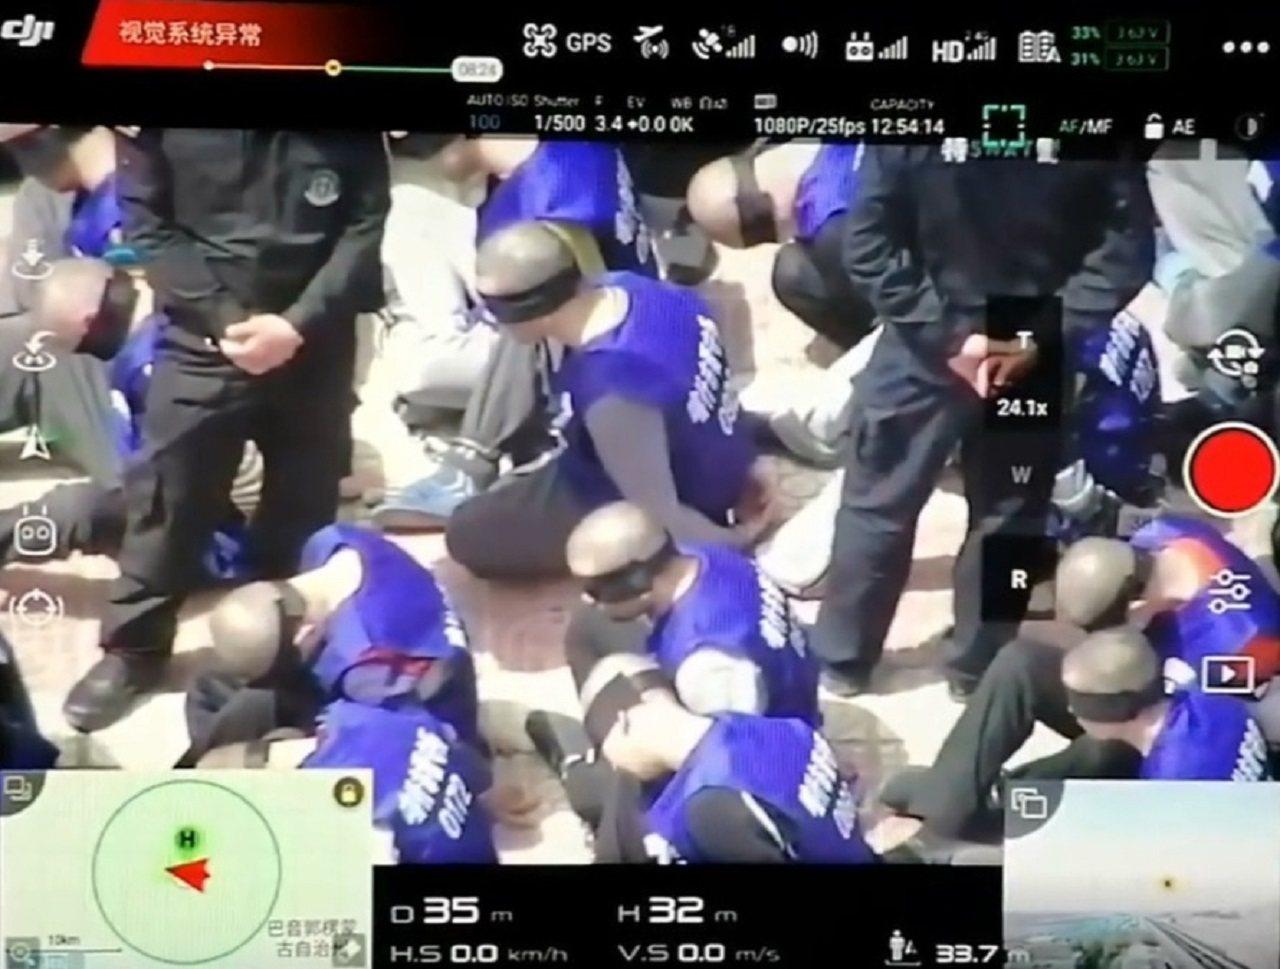 無人機空拍揭新疆大批移囚。 取材自youtube